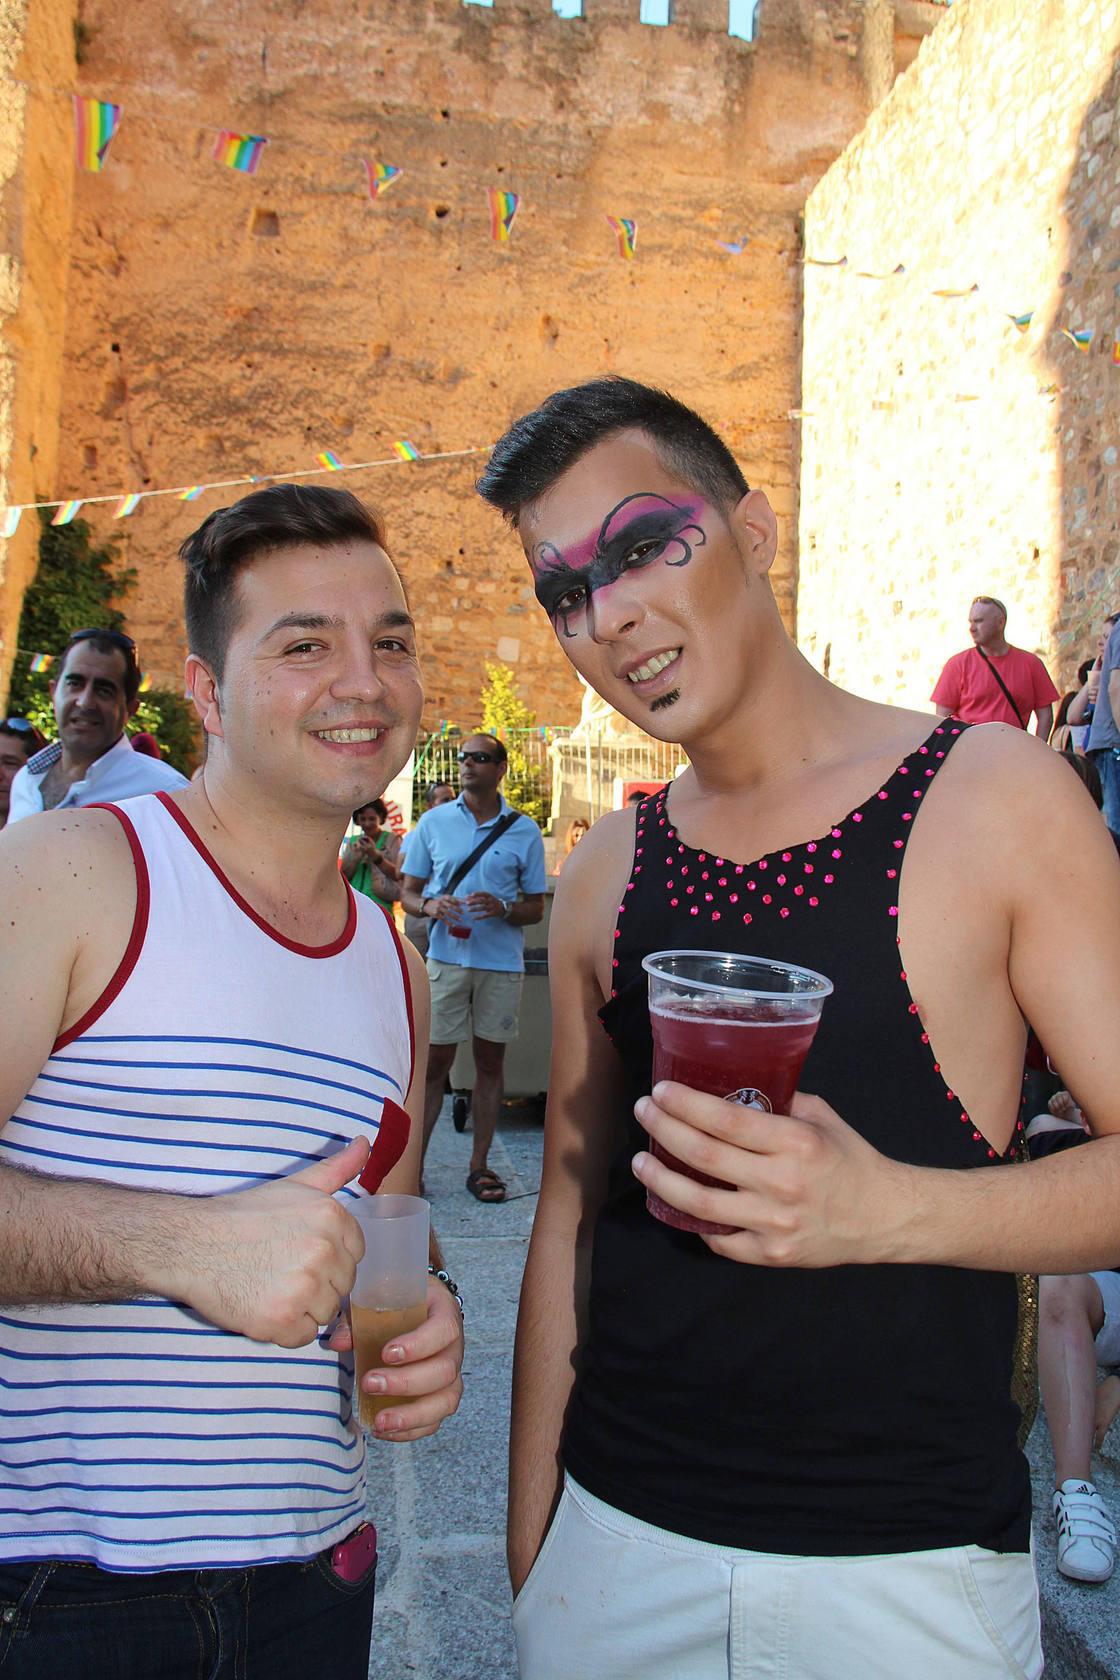 Extrepride llena de orgullo gay el foro de los Balbos